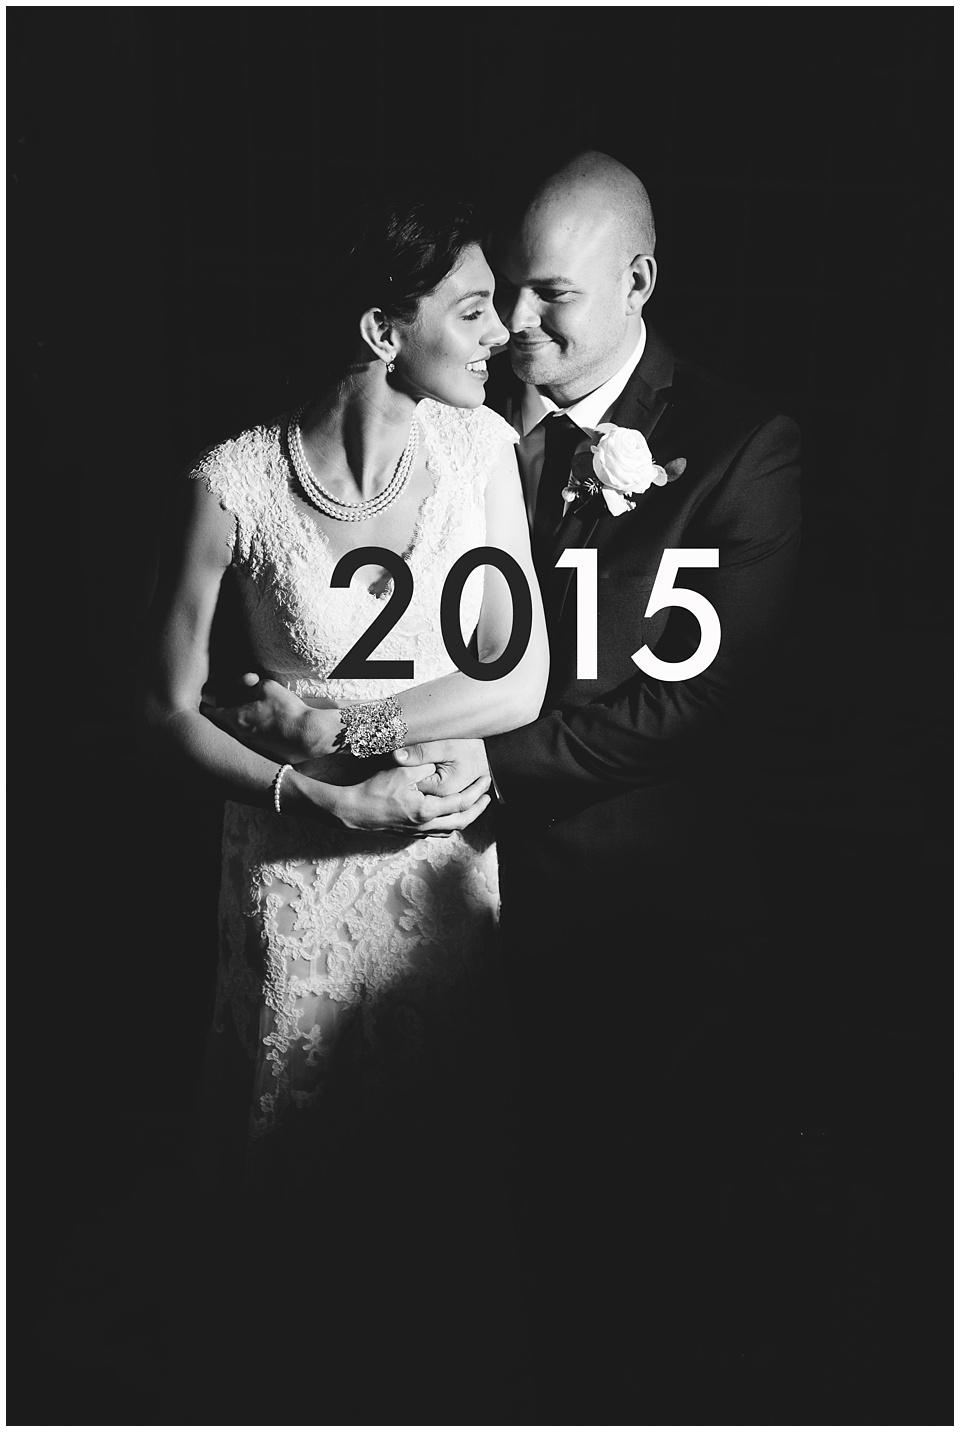 Best wedding photographer derby 2015